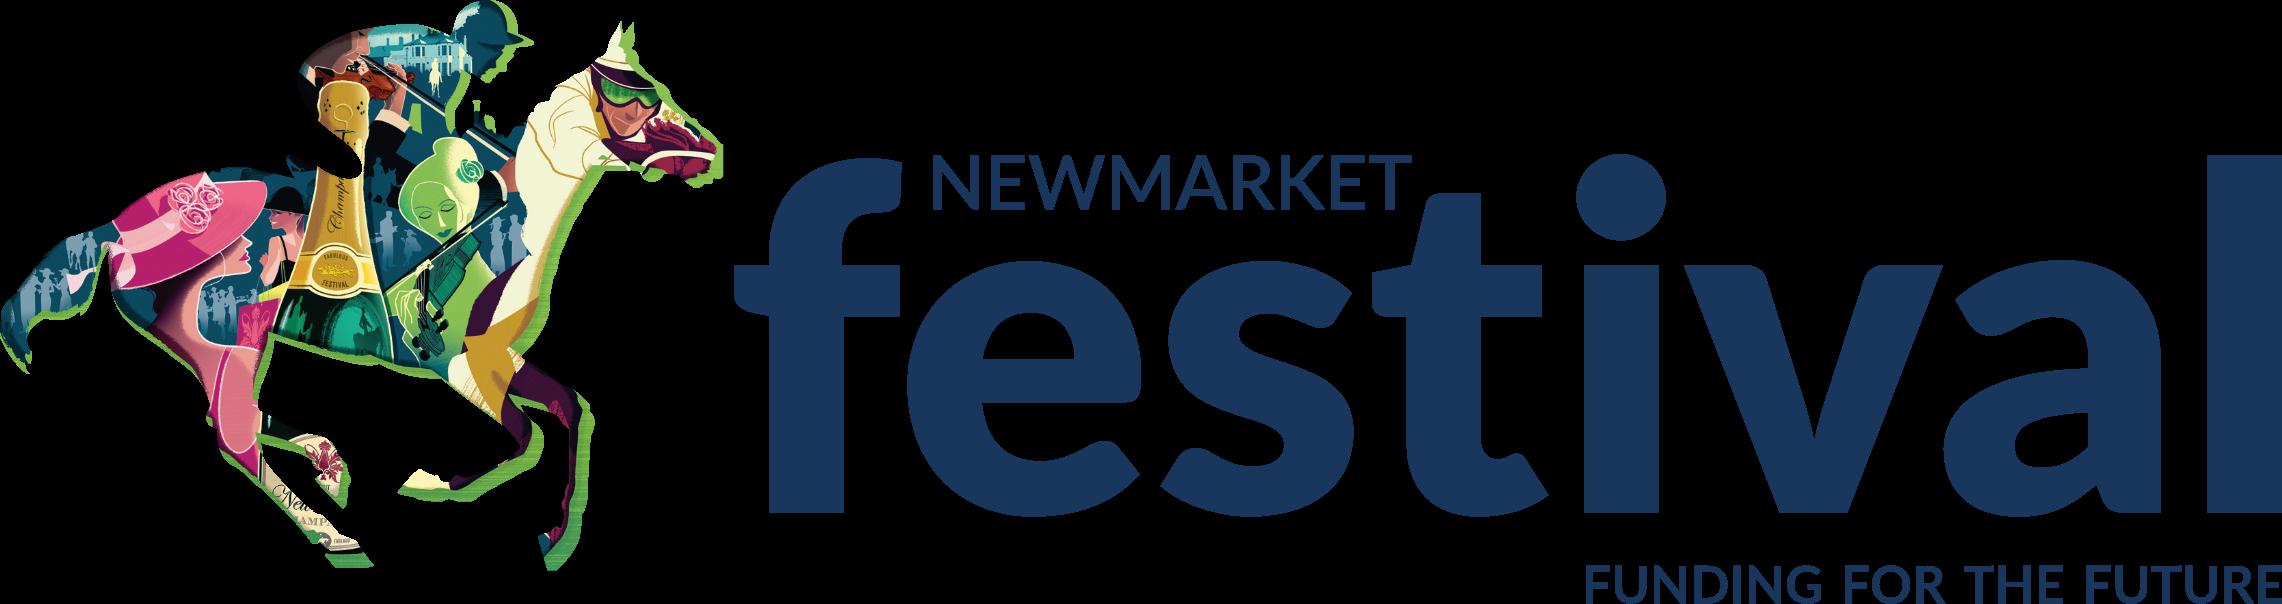 Logo Newmarket Festival